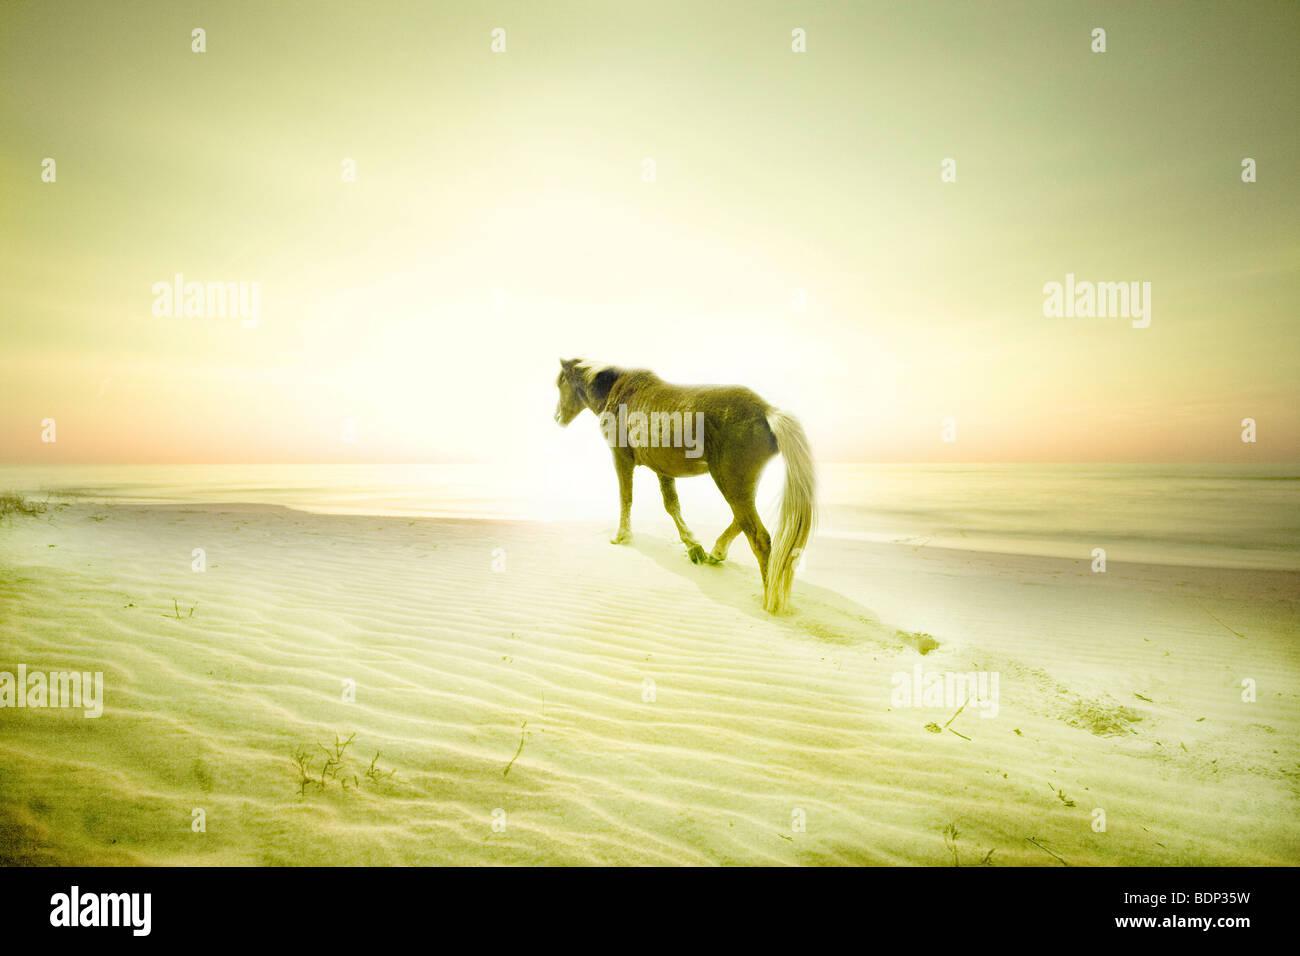 Un poney sur une plage de sable fin Banque D'Images